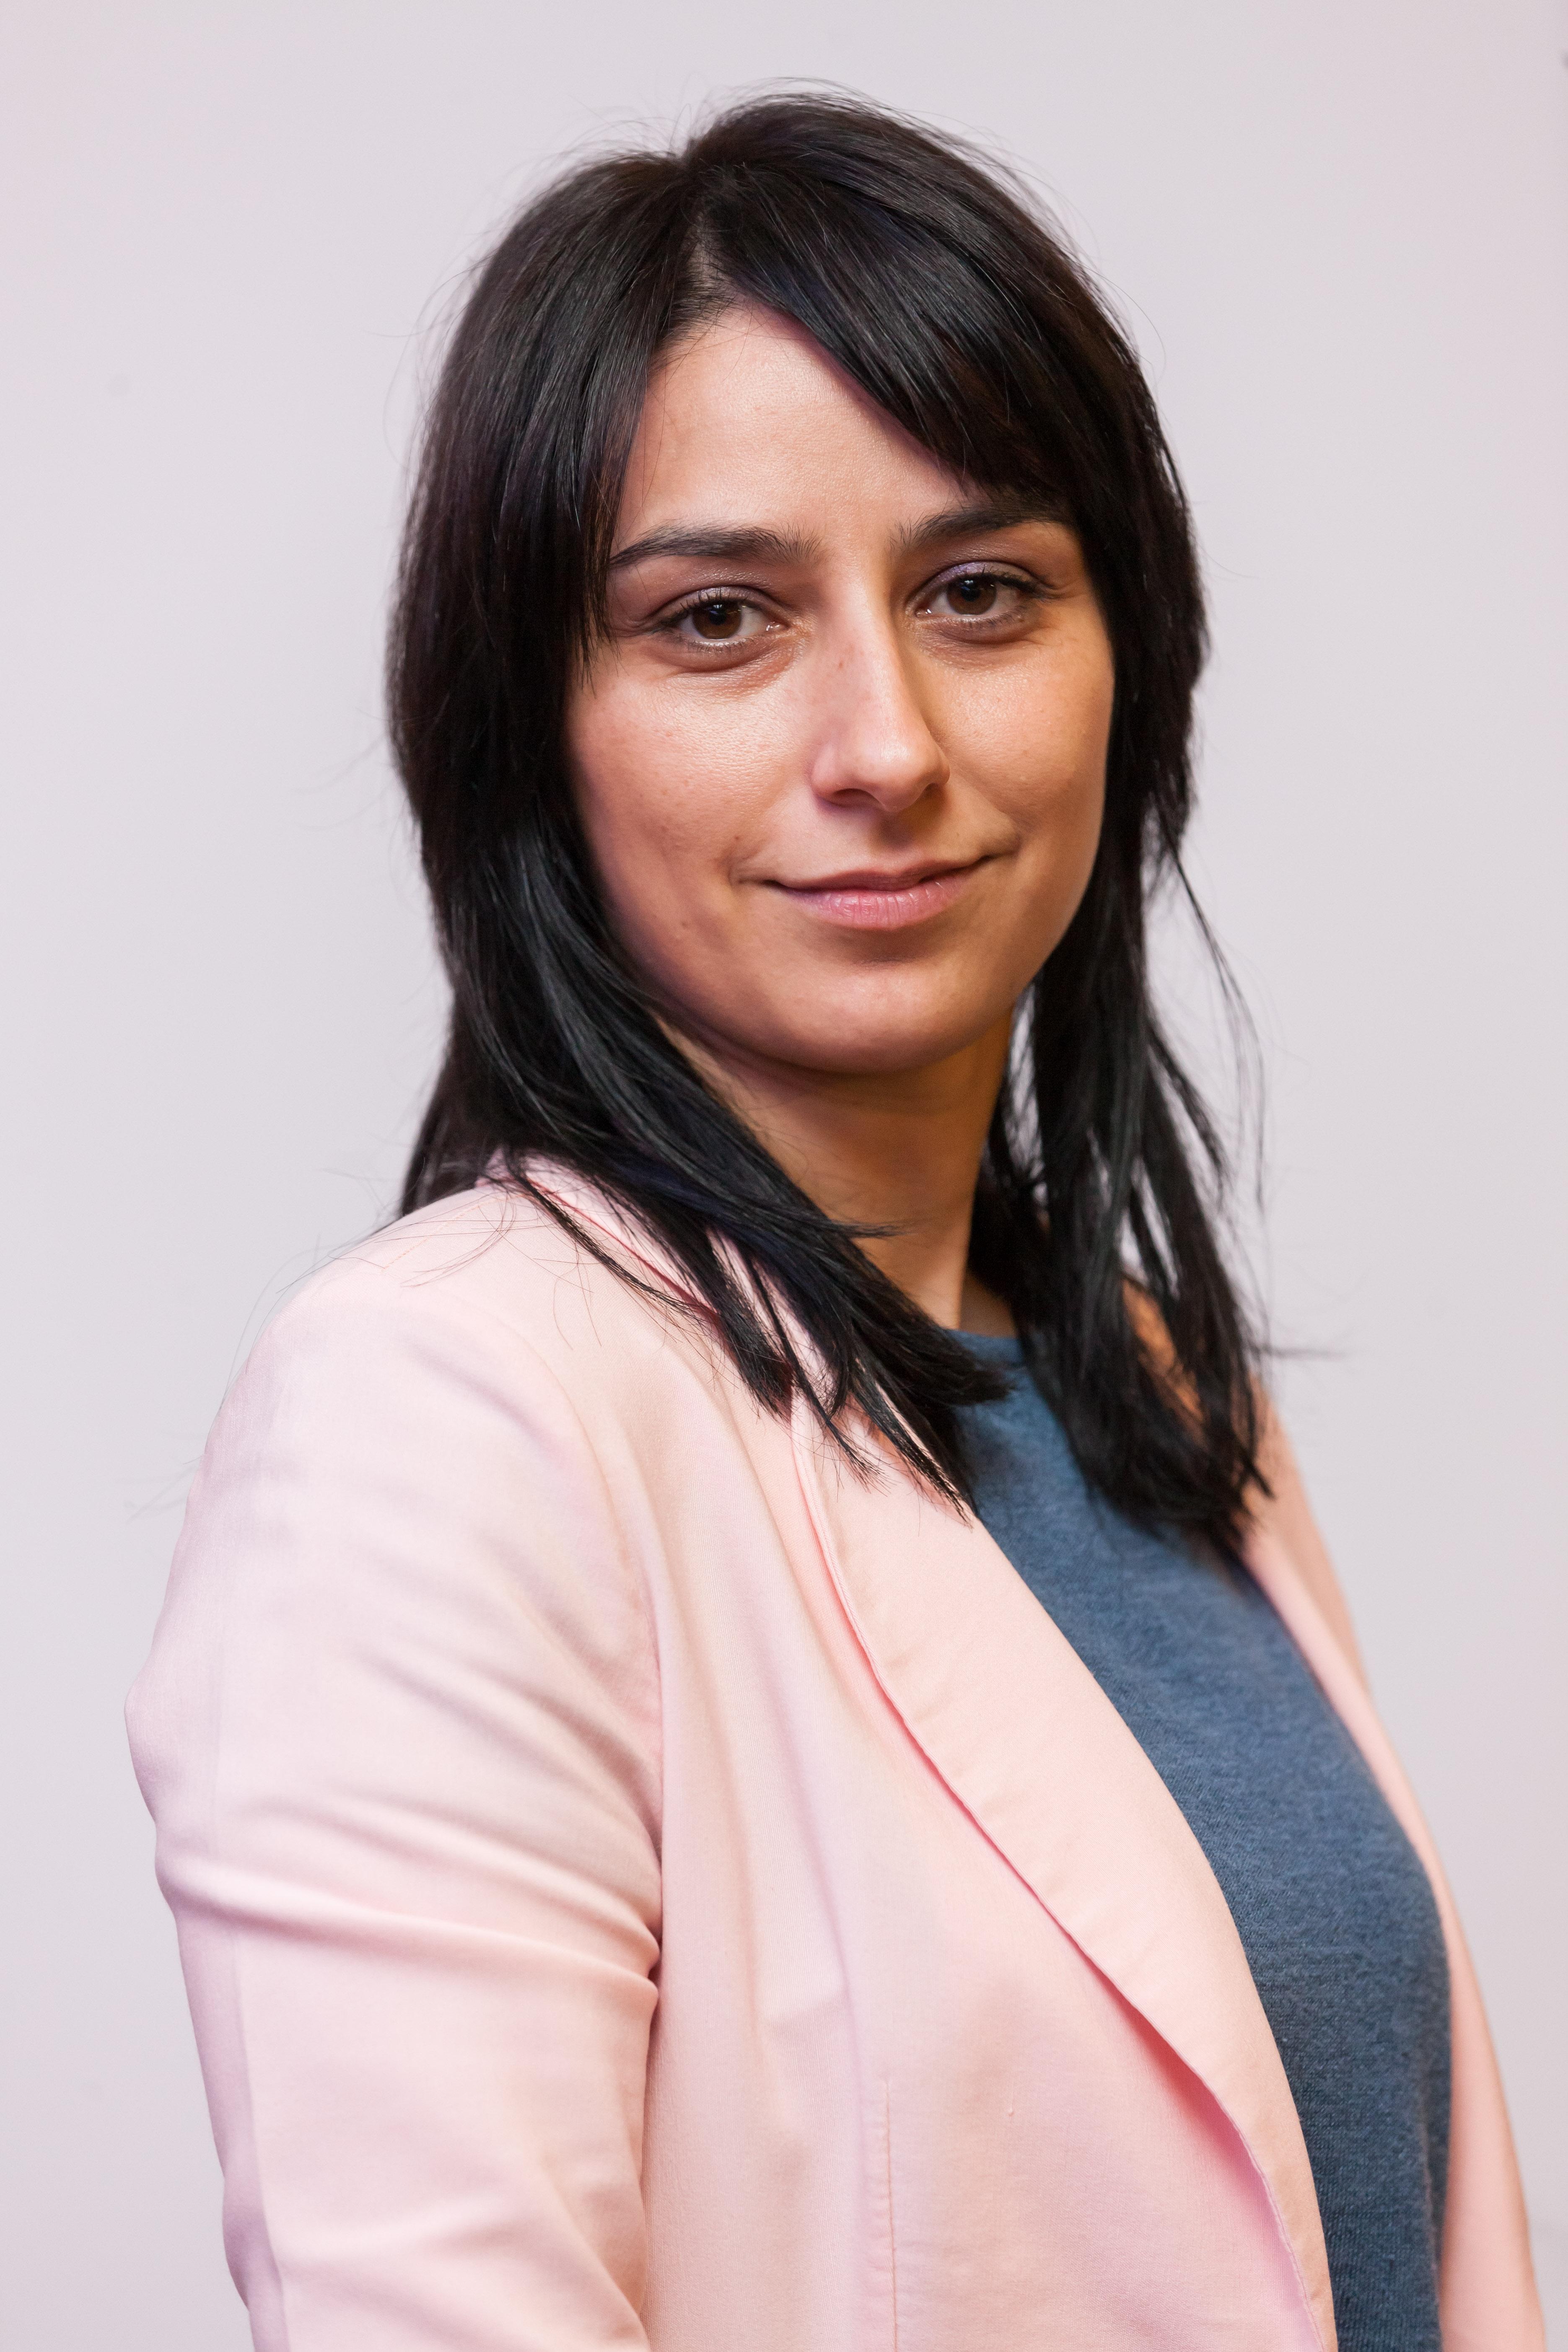 Alexandra Ilina